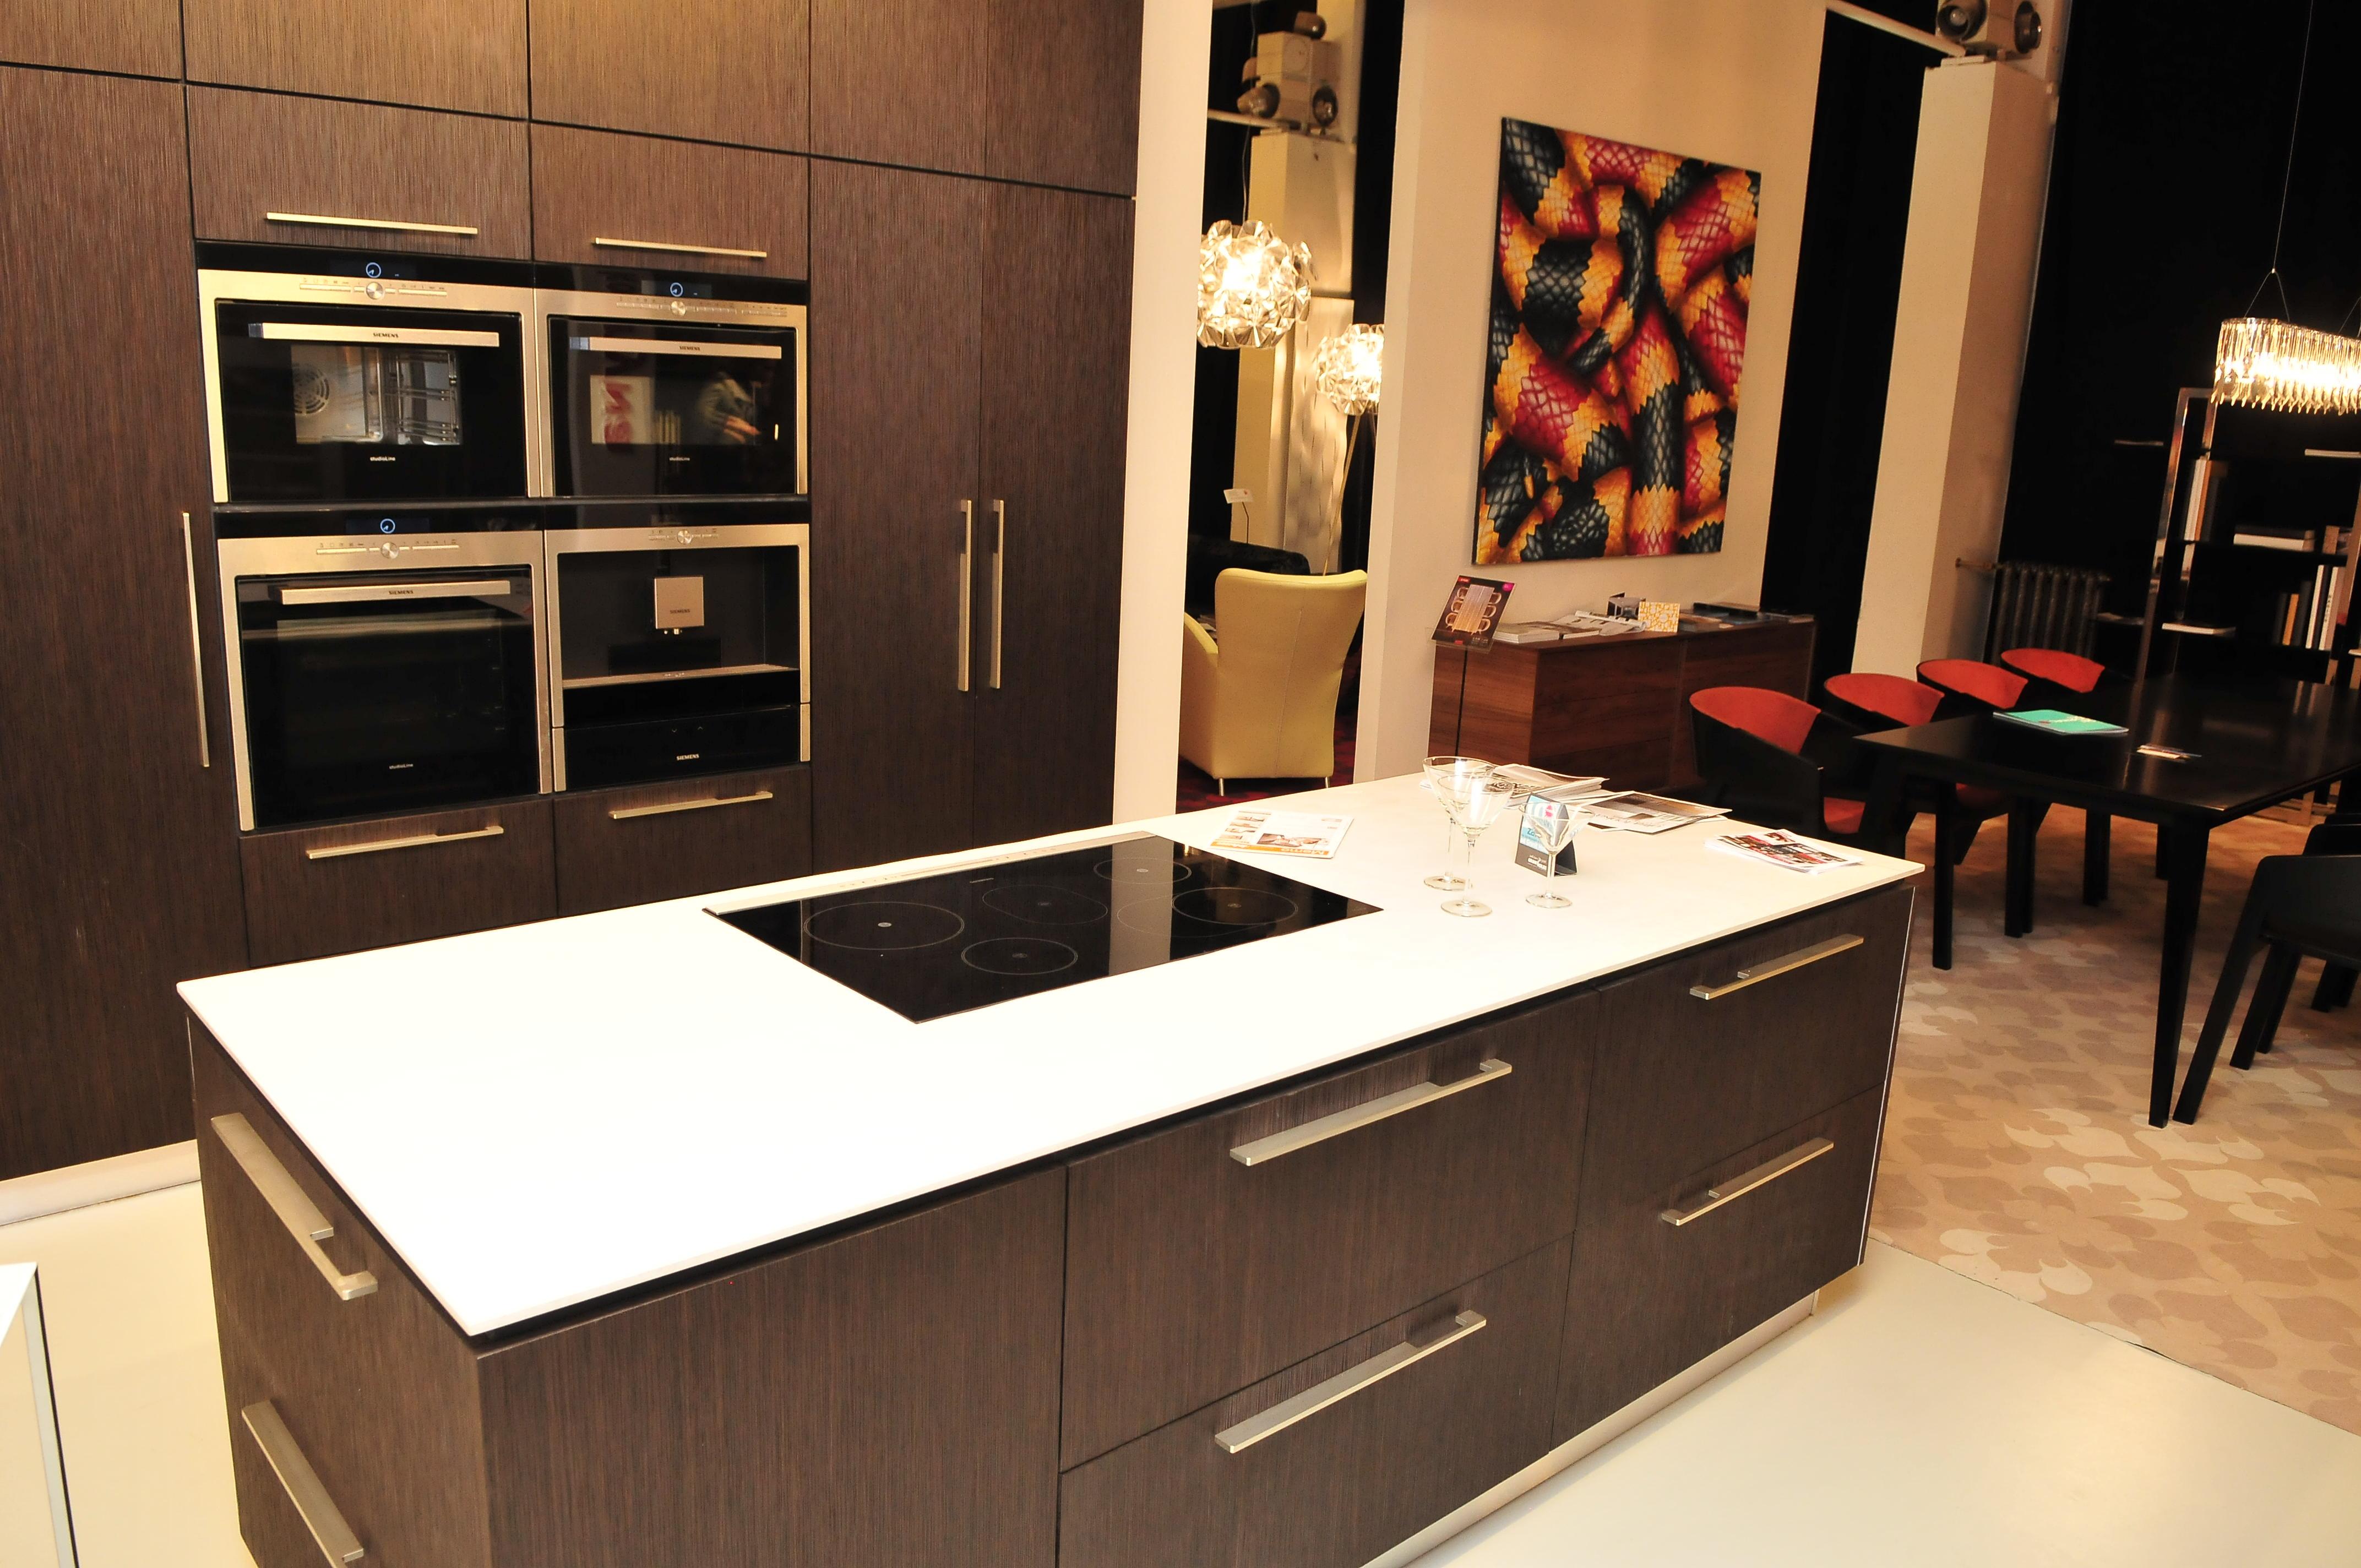 Navštivte dokonale zařízený byt. Inspirujte se elegantním designem